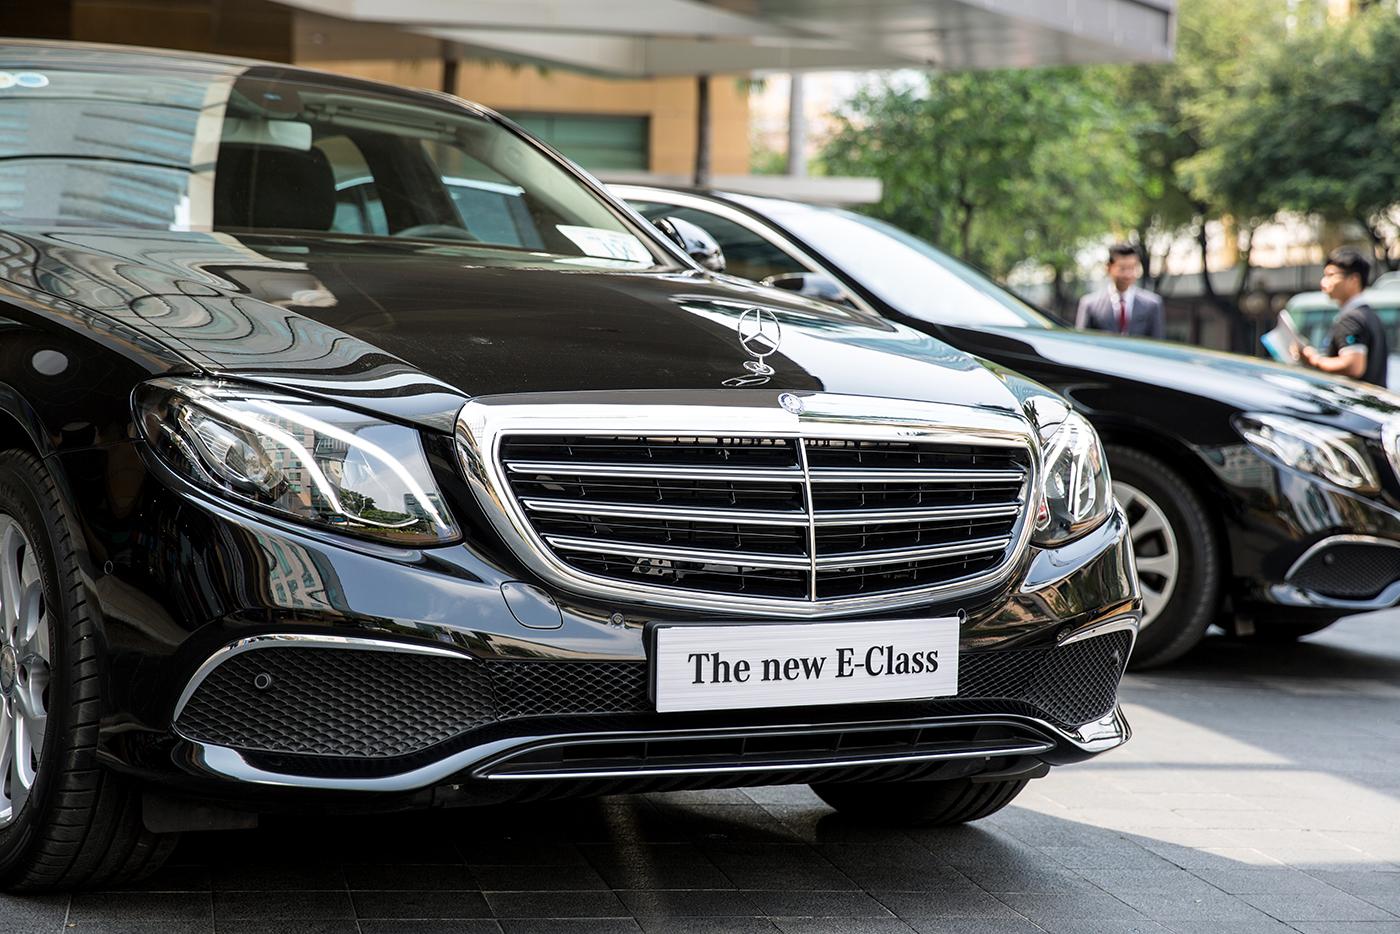 Mercedes-Benz tiếp tục bàn giao 5 xe E-Class 2017 cho khách sạn 5 sao - ảnh 4